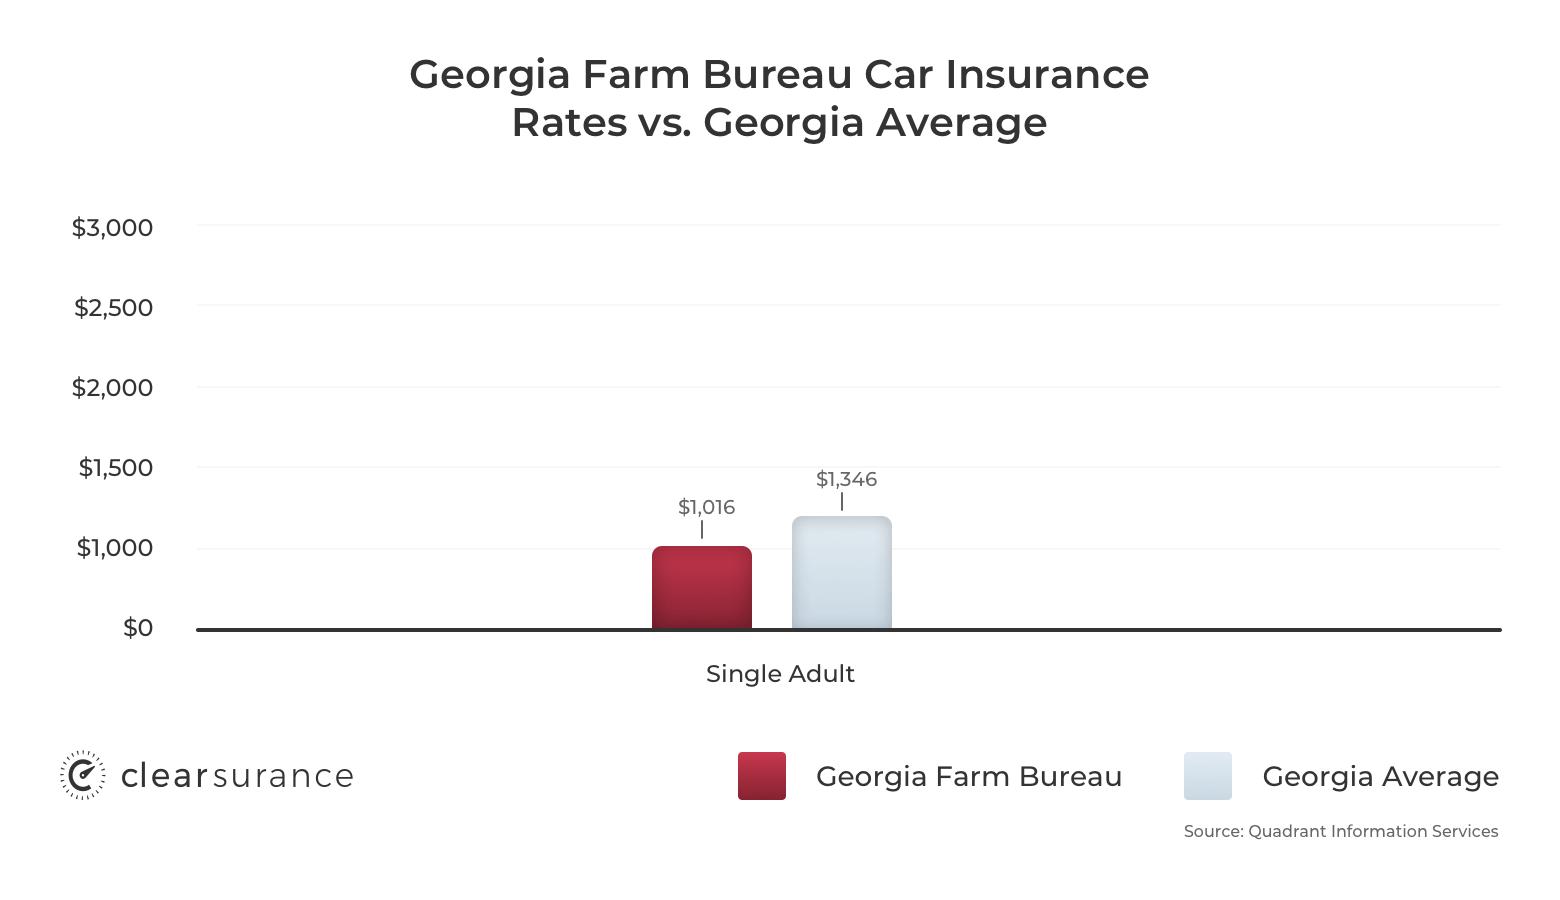 Georgia Farm Bureau car insurance rates